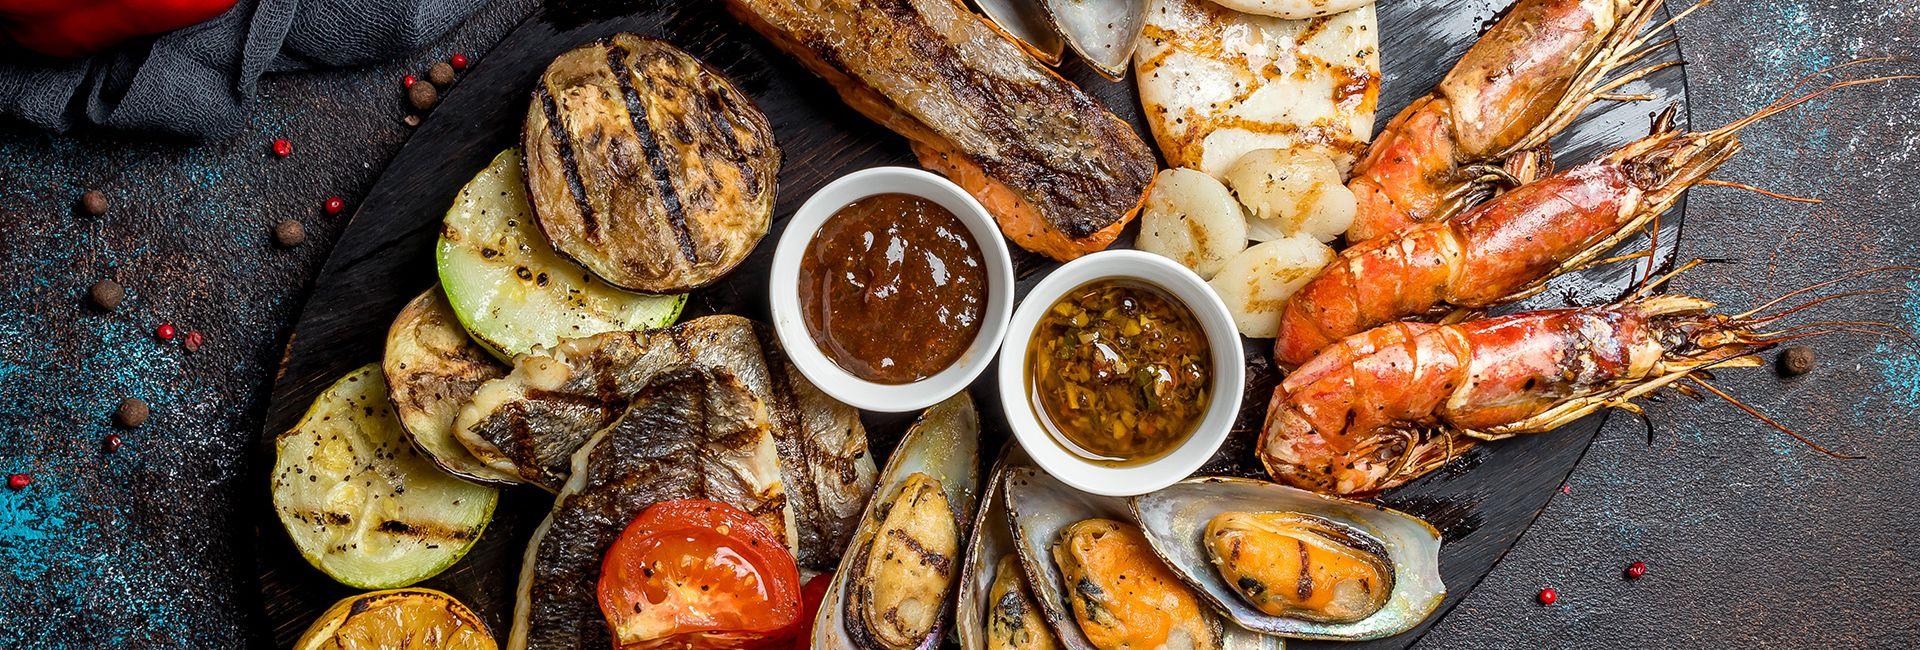 Top 15 quán hải sản ở Đà Nẵng nổi tiếng nhất